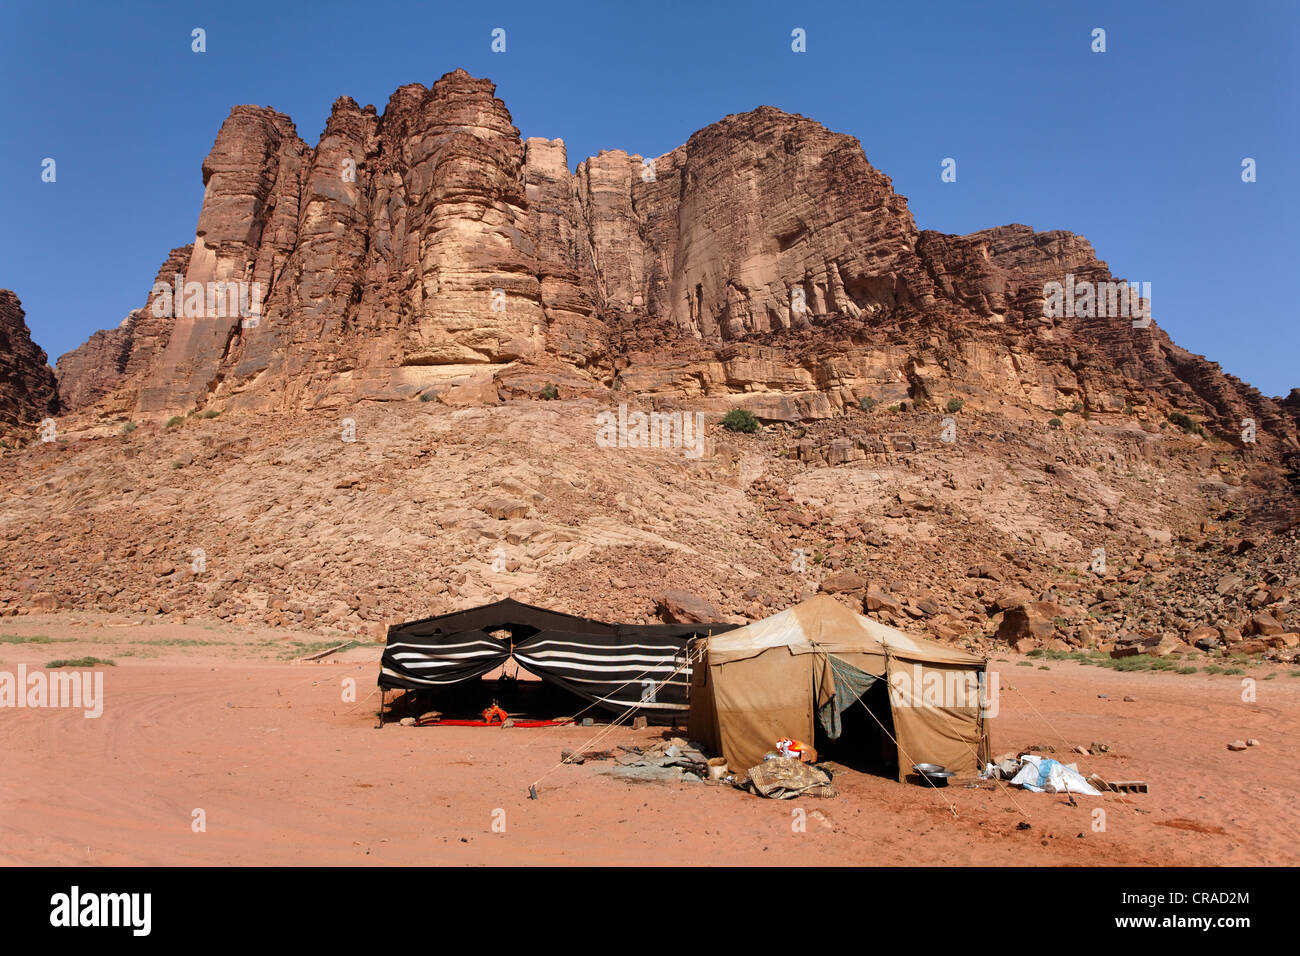 Montagna con Lawrence della primavera, Accampamento Beduino, Lawrence d'Arabia, deserto Wadi Rum, Regno Hascemita Immagini Stock